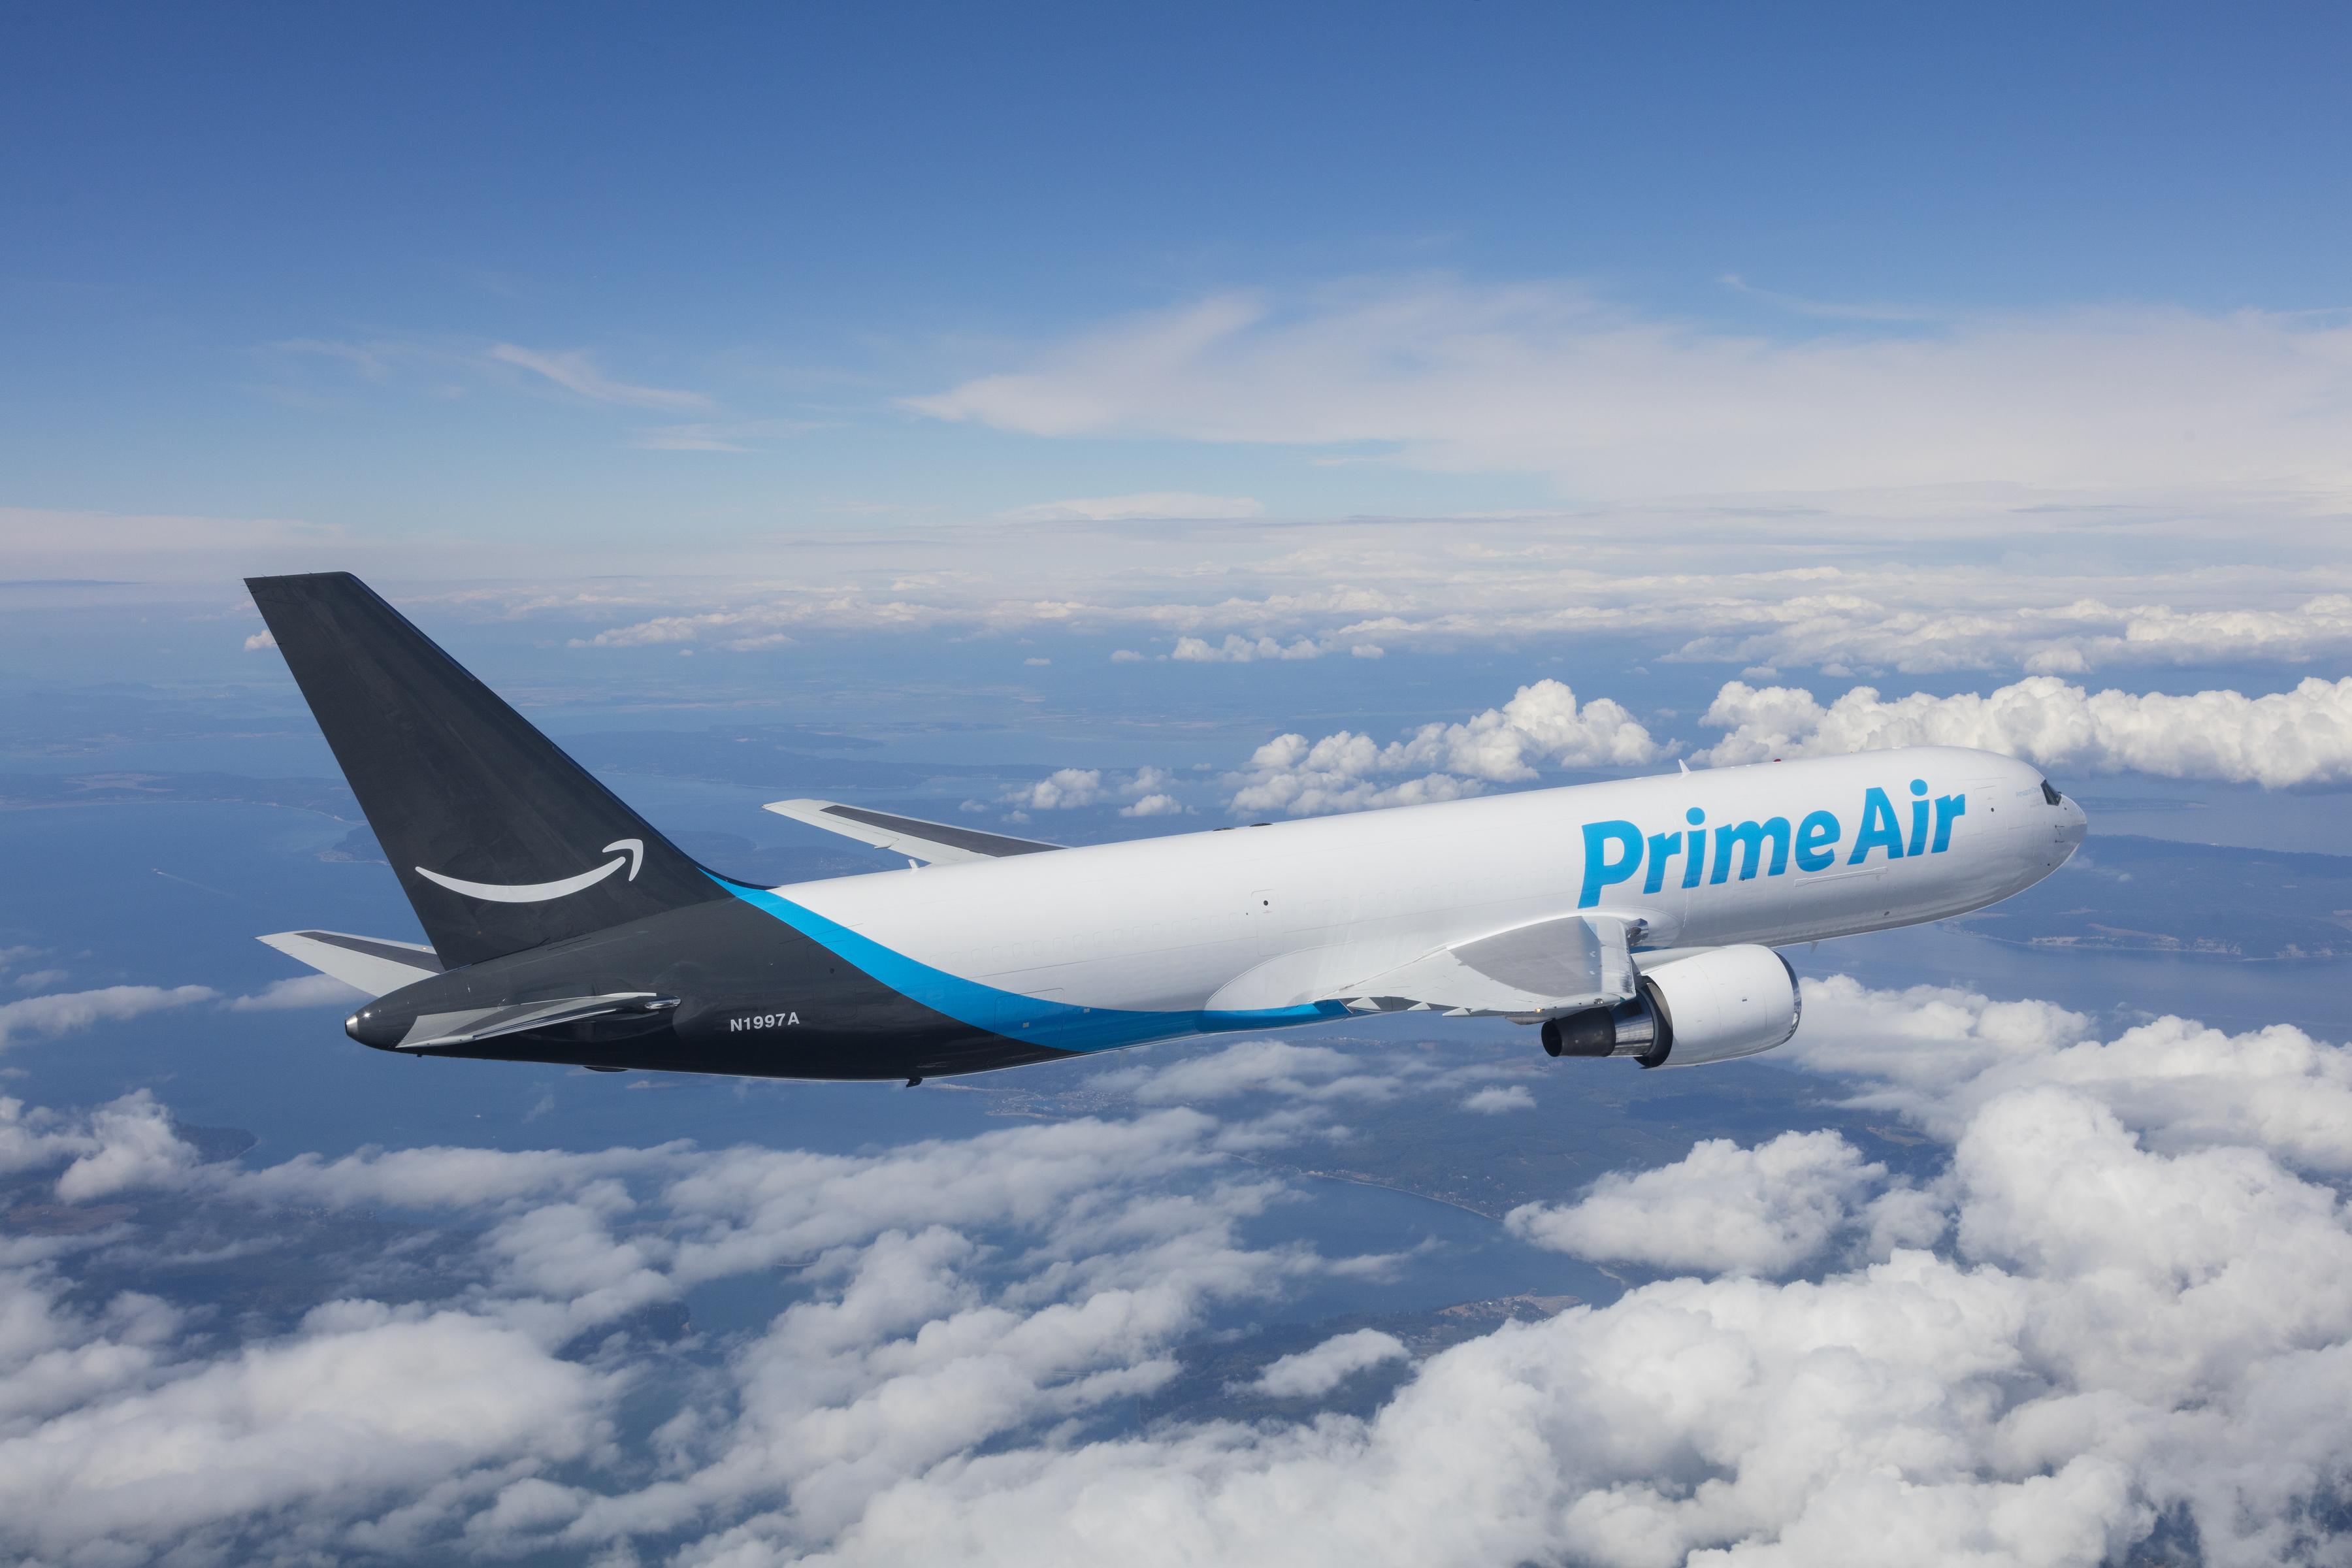 Amazon prime air in flight 2